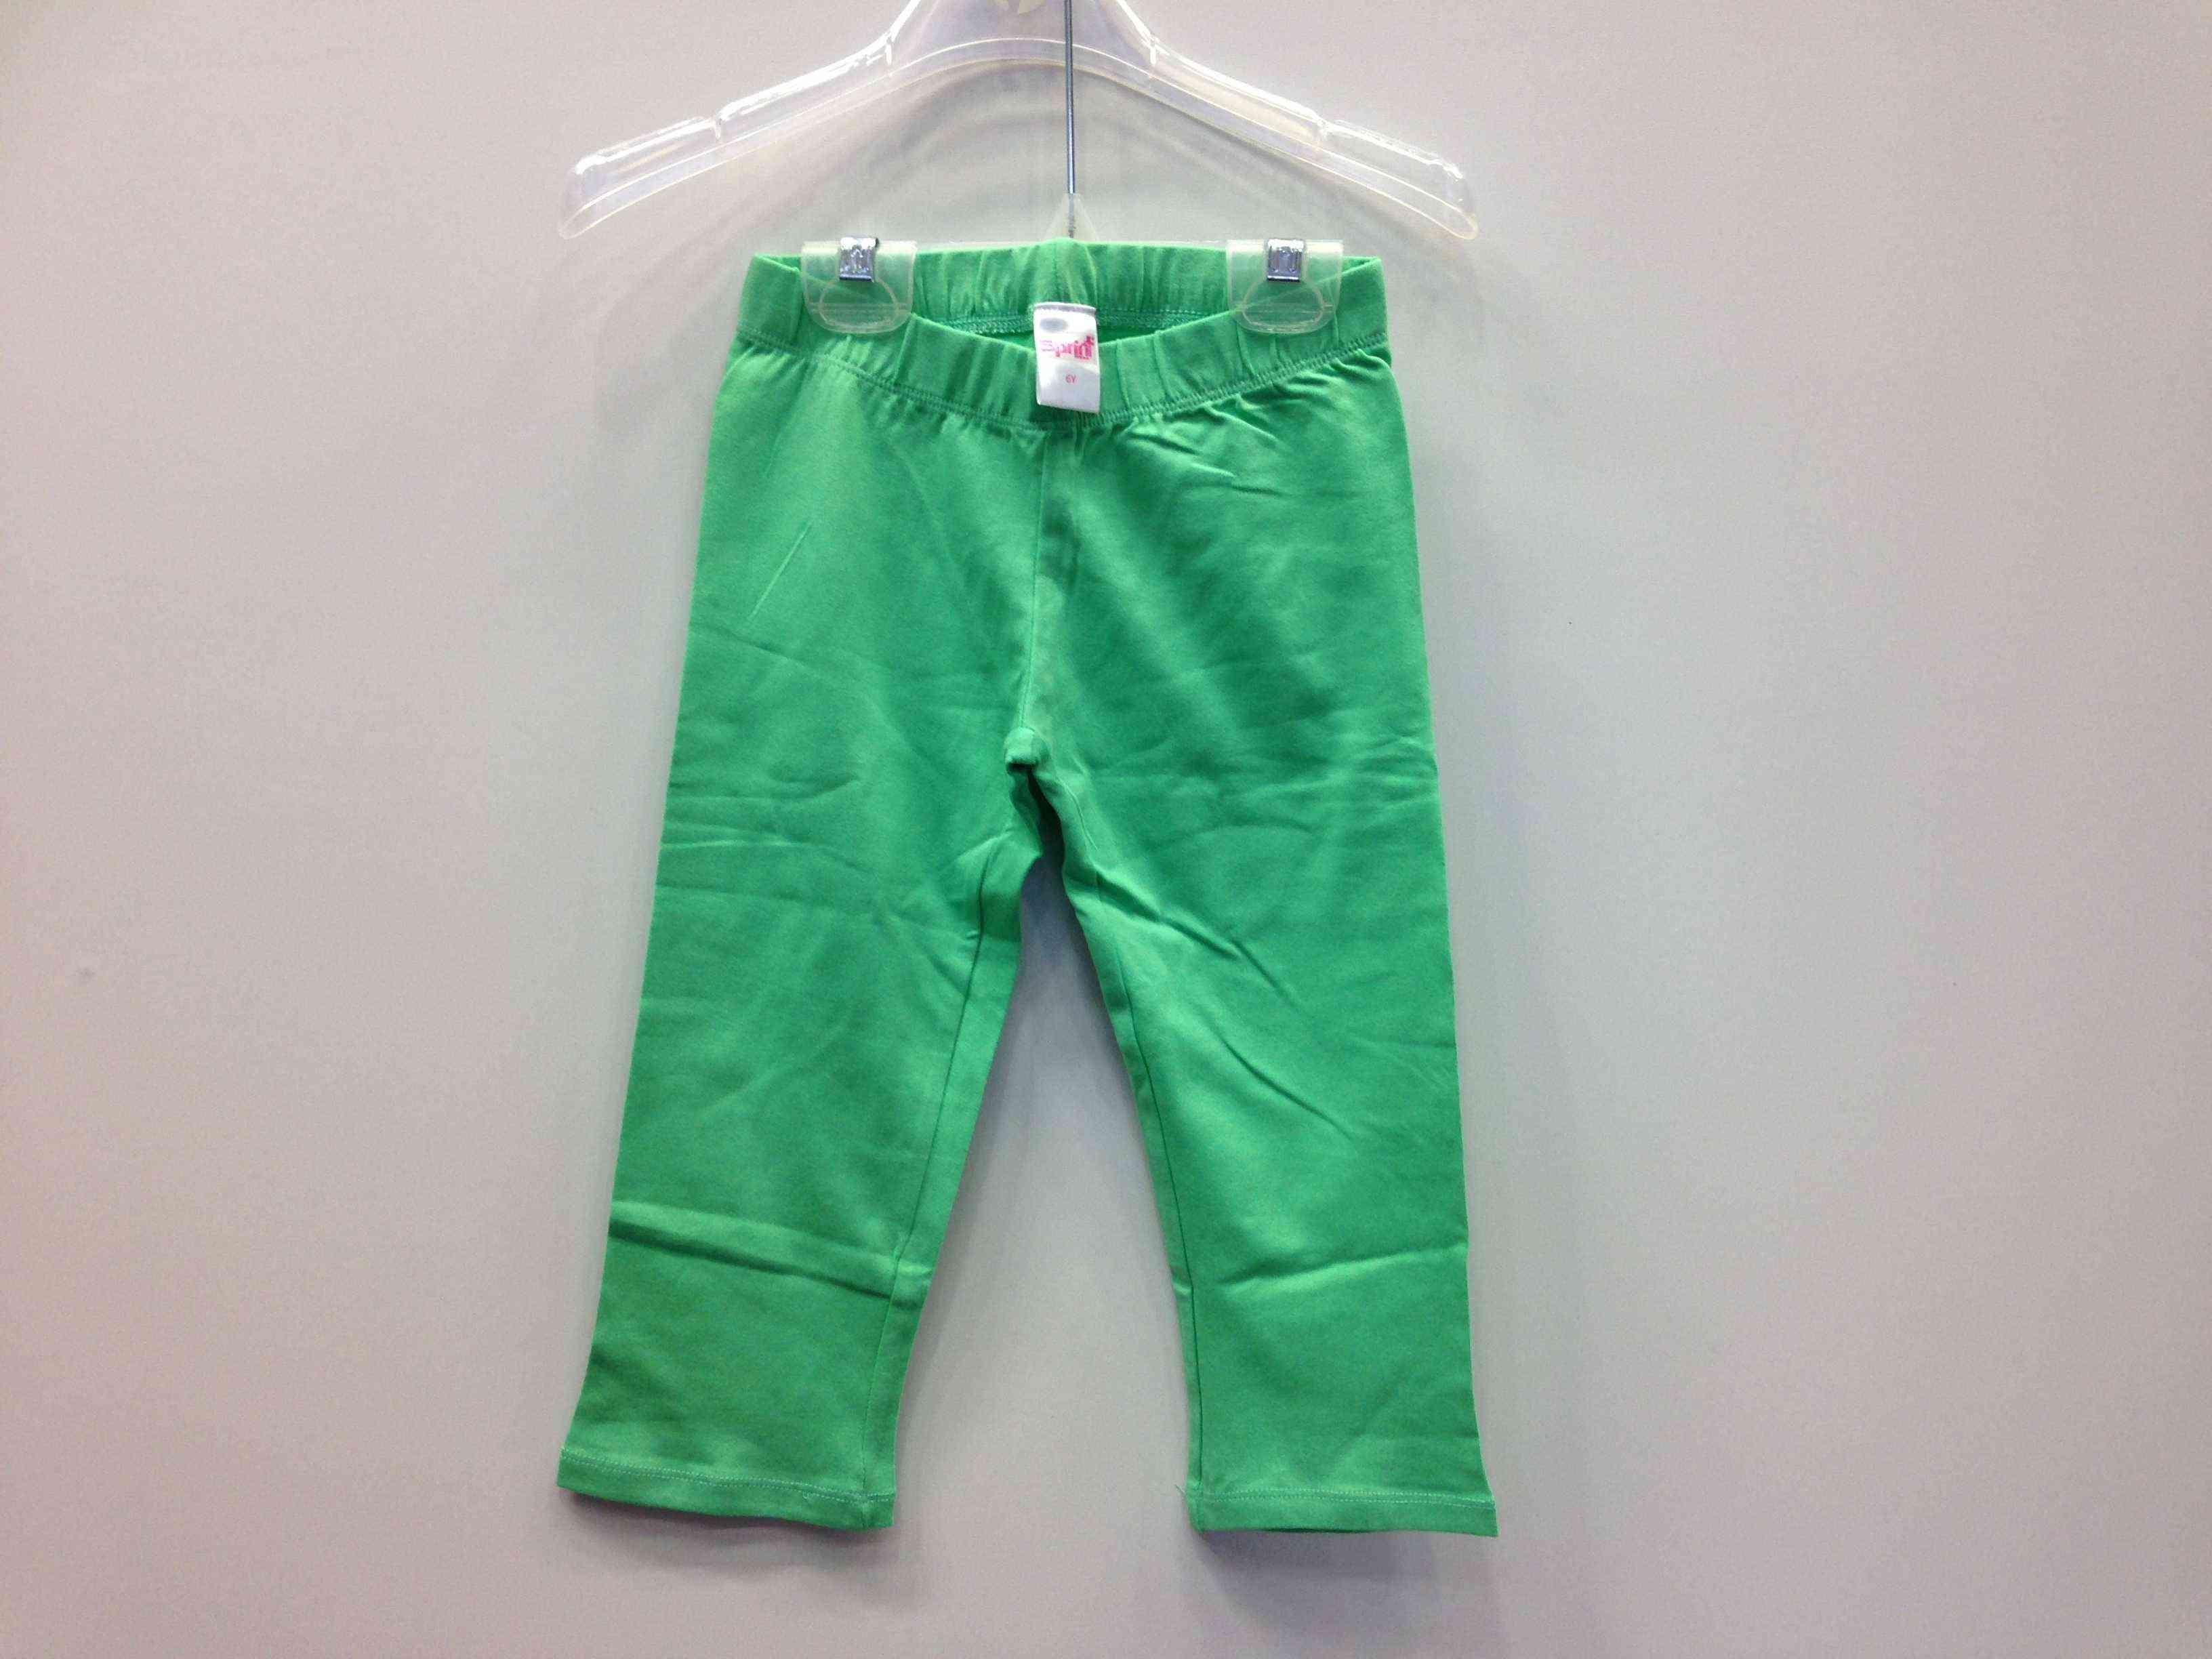 08861b4f9f3d SPRINT Σετ μπλούζα ανοιχτή πλάτη και κολάν πράσινο τσιγαλί 3 4 -